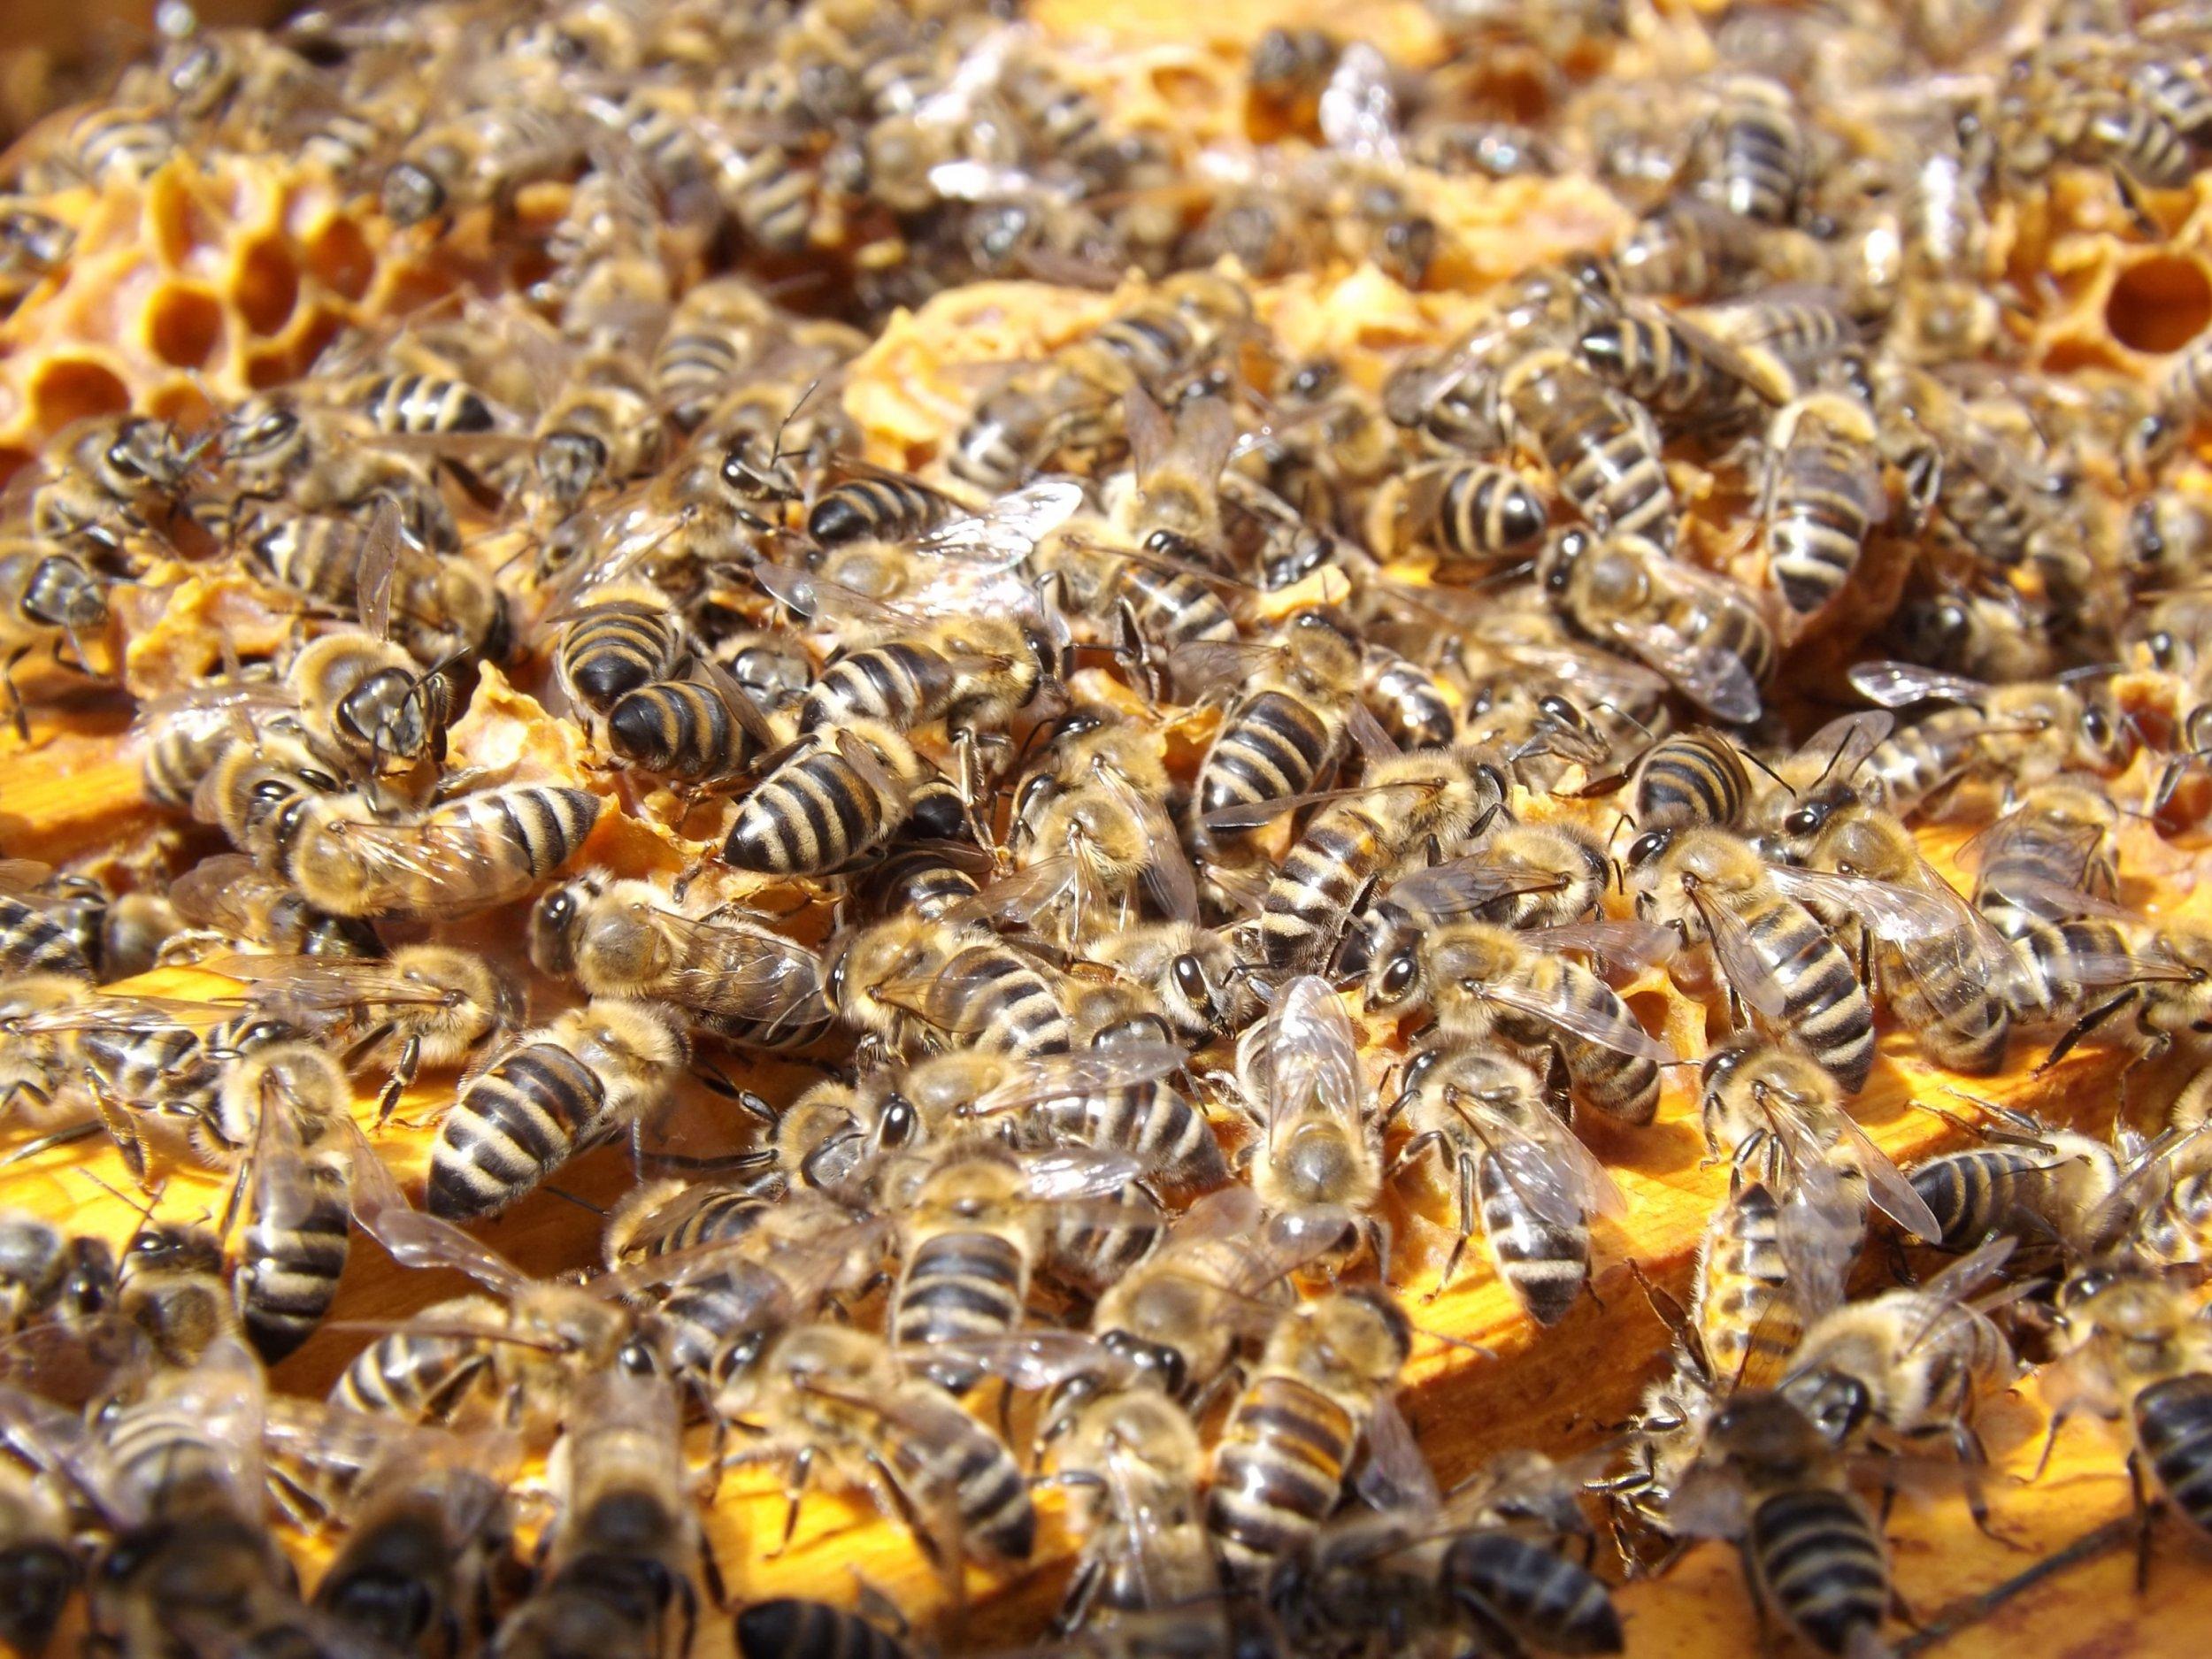 11_03_Honeybees_Beehive